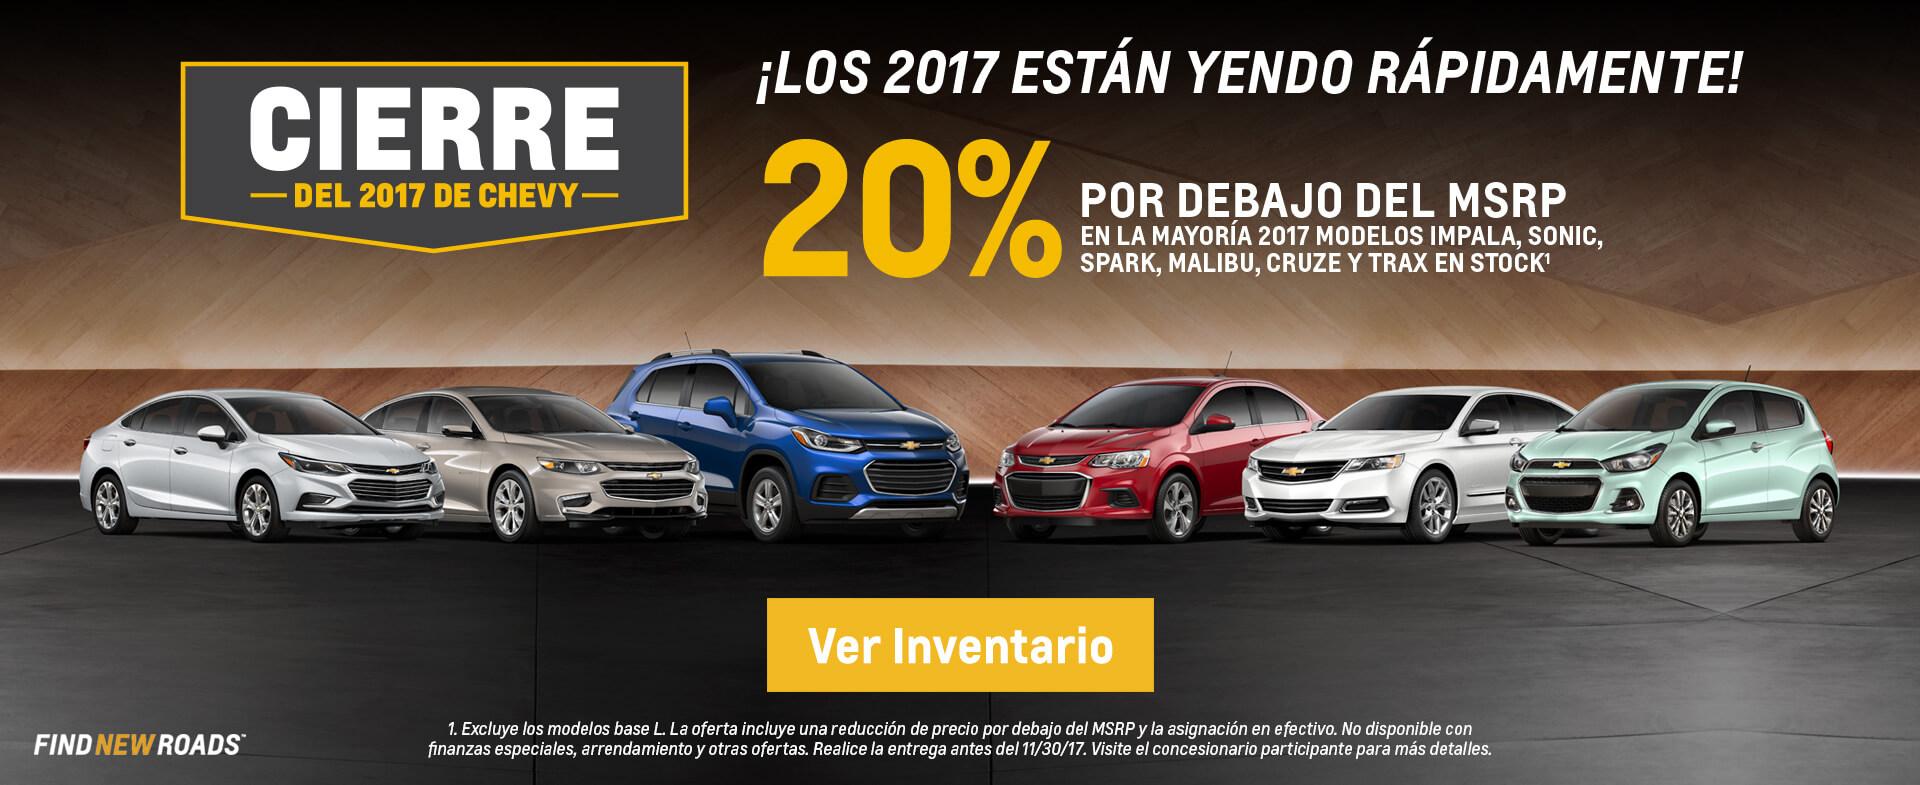 Cierre Del 2017 De Chevy